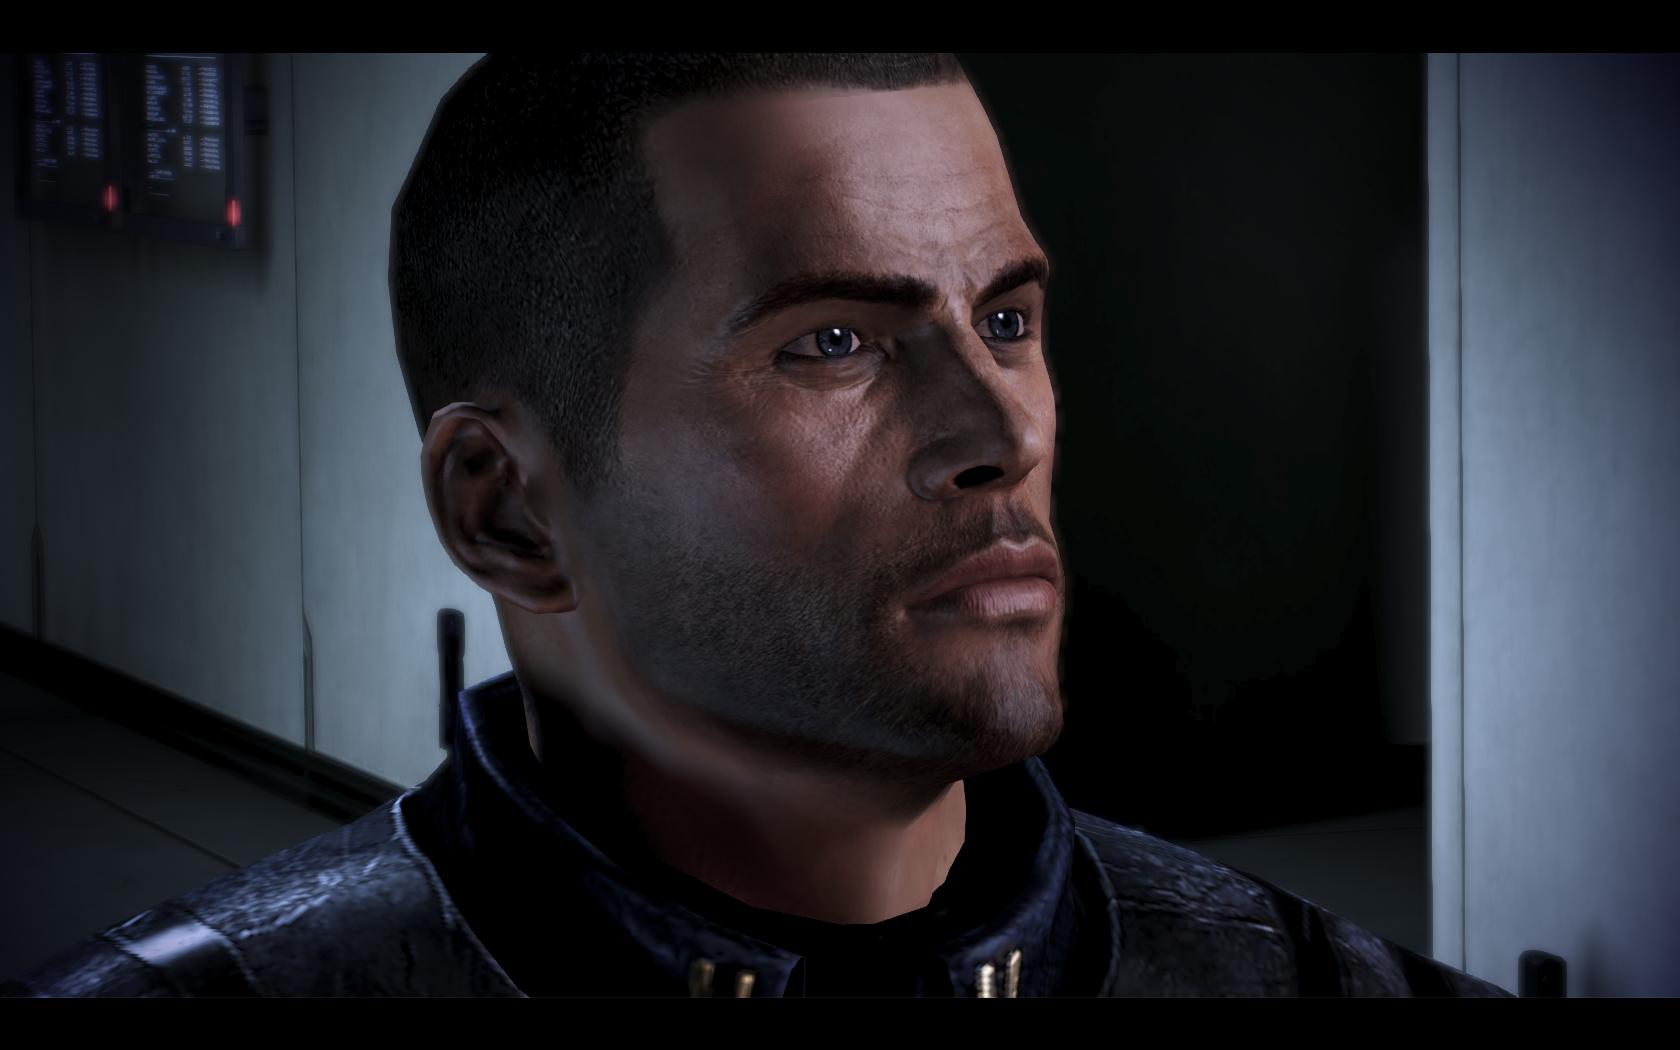 Как сделать чтобы Шепард выжил в Mass Effect 3? - Полезная информация 61